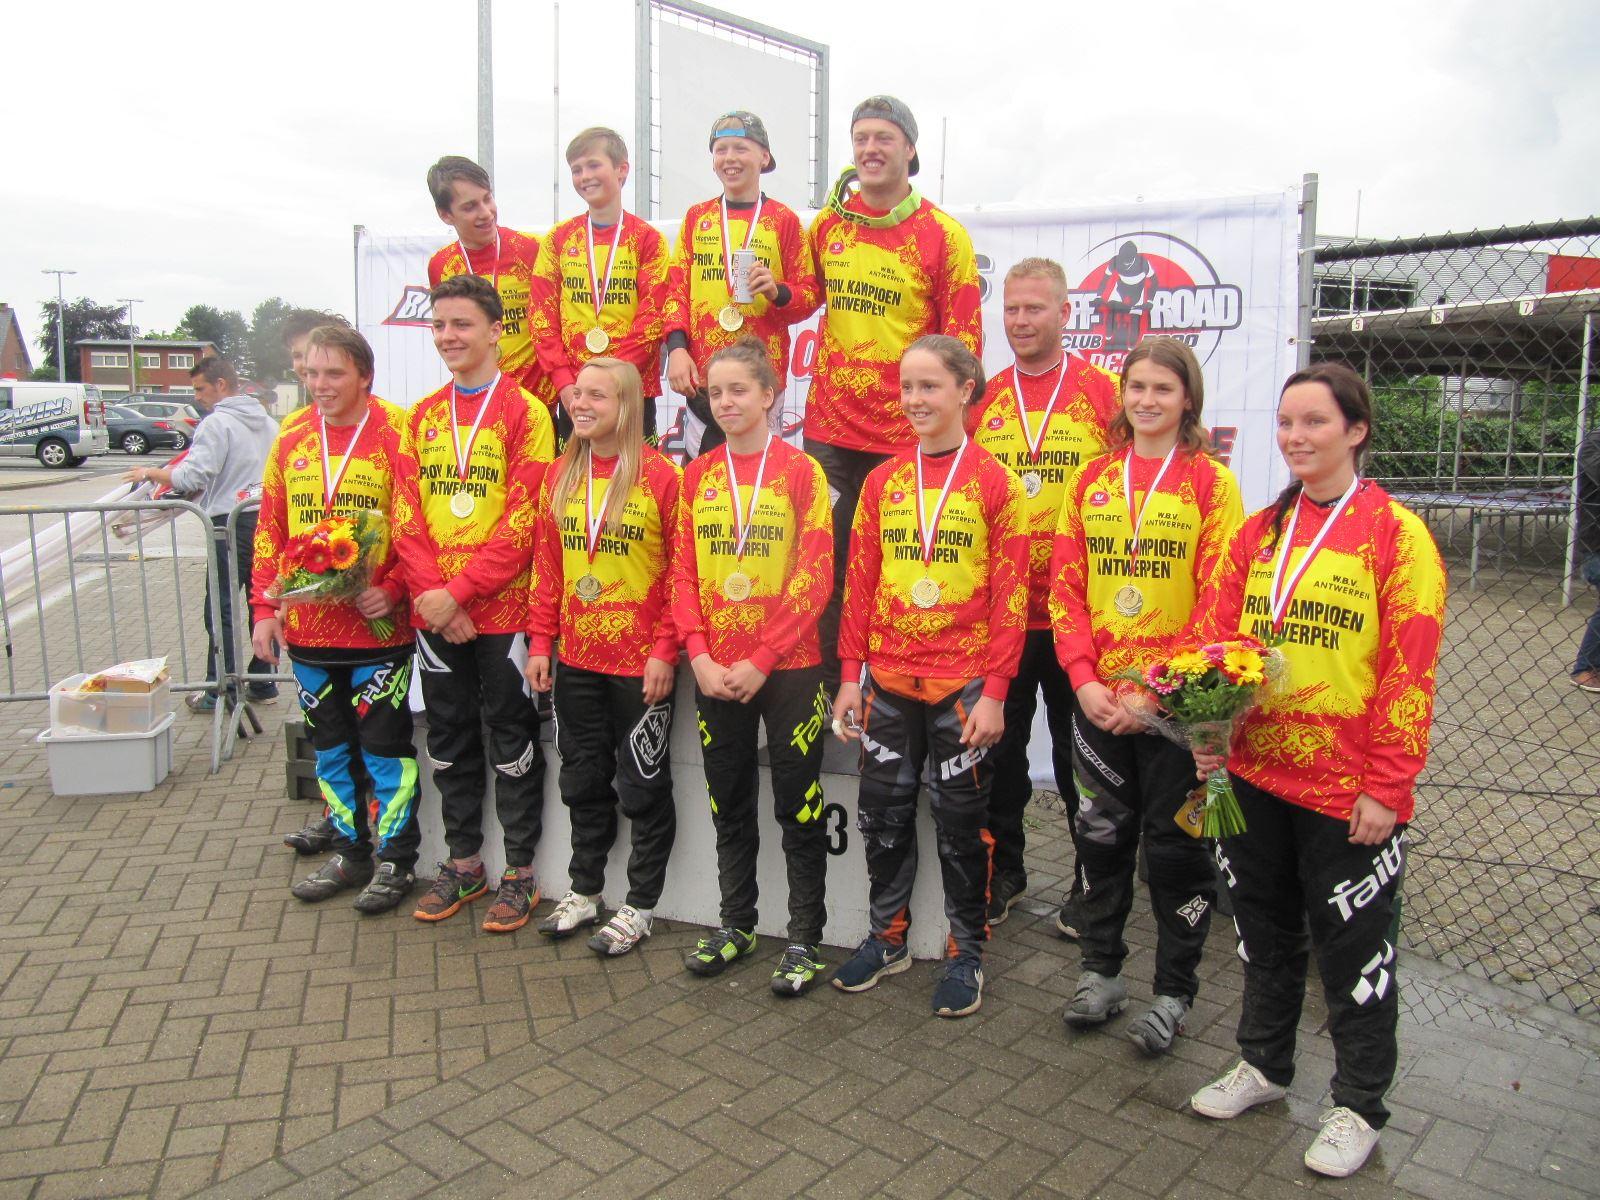 Geslaagde provinciale kampioenschappen BMX in Dessel